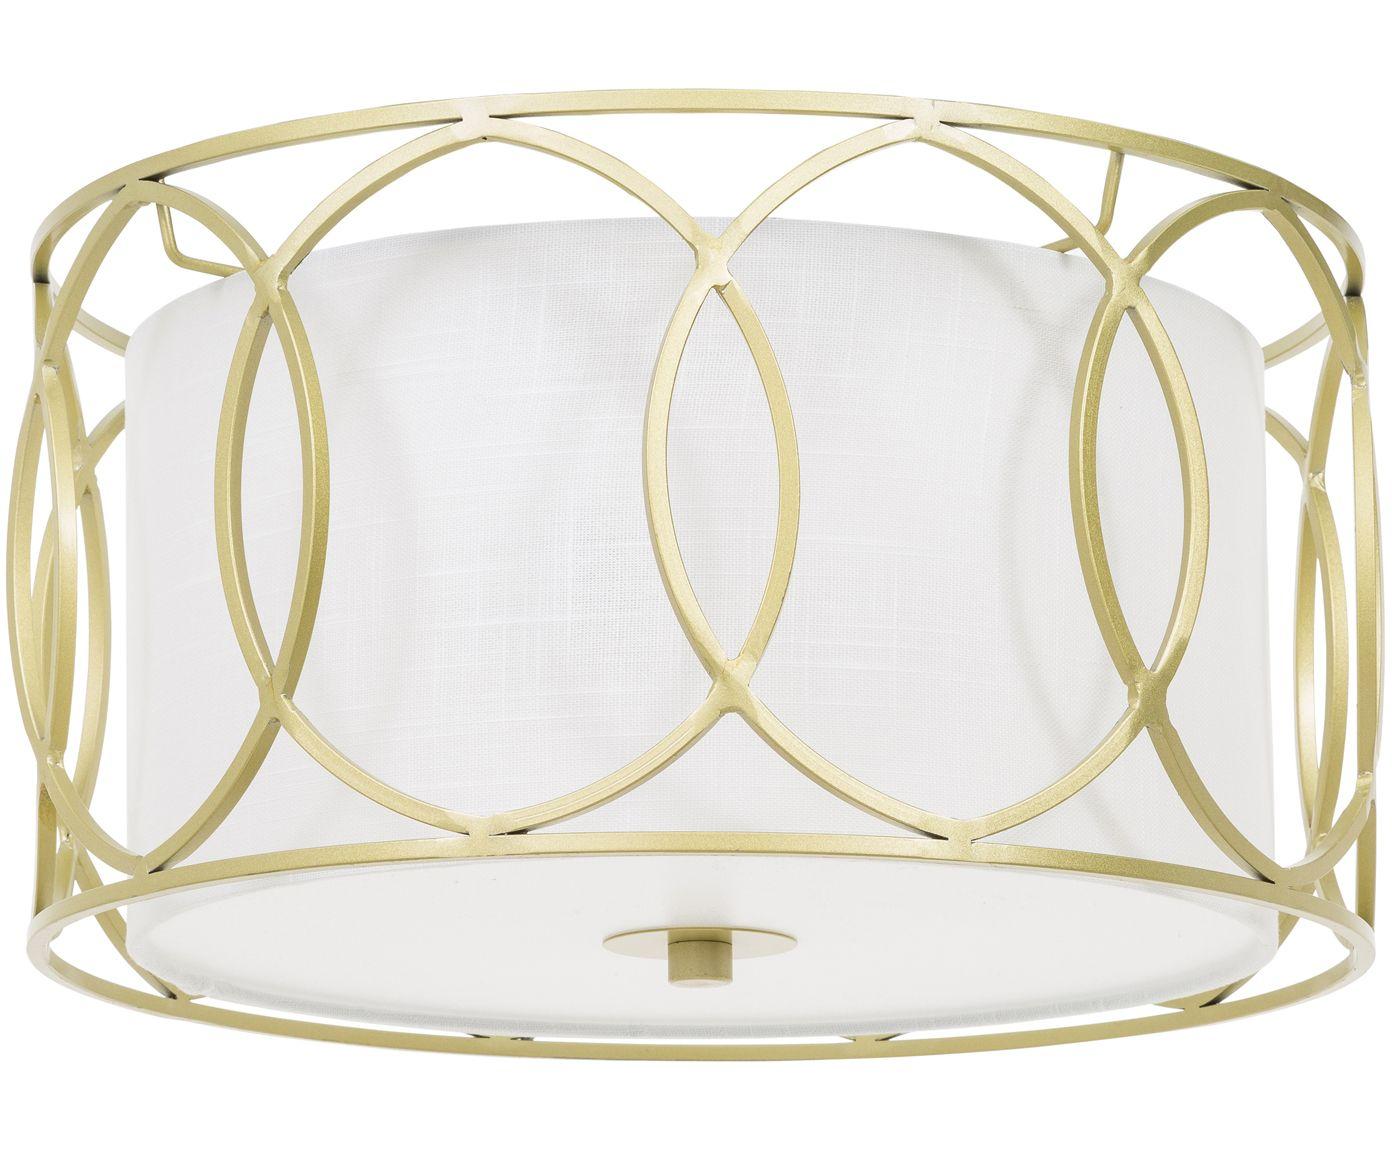 Deckenleuchte Catherine Deckenleuchten Deckenlampe Lampe